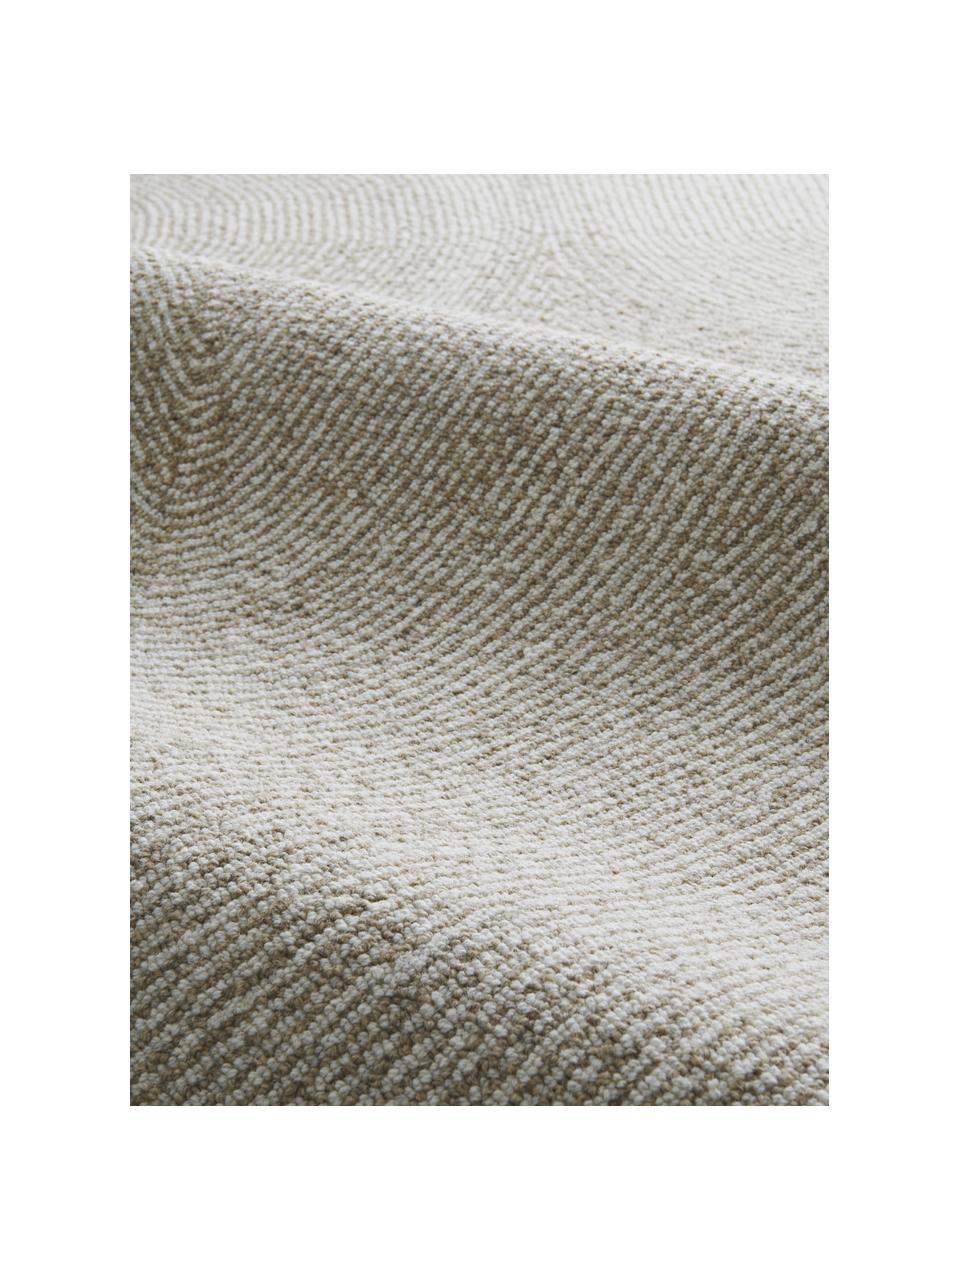 Handgeweven vloerkleed Canyon met golfachtig patroon in beige/wit, 51% polyester, 49% wol Bij wollen vloerkleden kunnen vezels loskomen in de eerste weken van gebruik, dit neemt af door dagelijks gebruik en pluizen wordt verminderd., Beige, B 200 x L 300 cm (maat L)